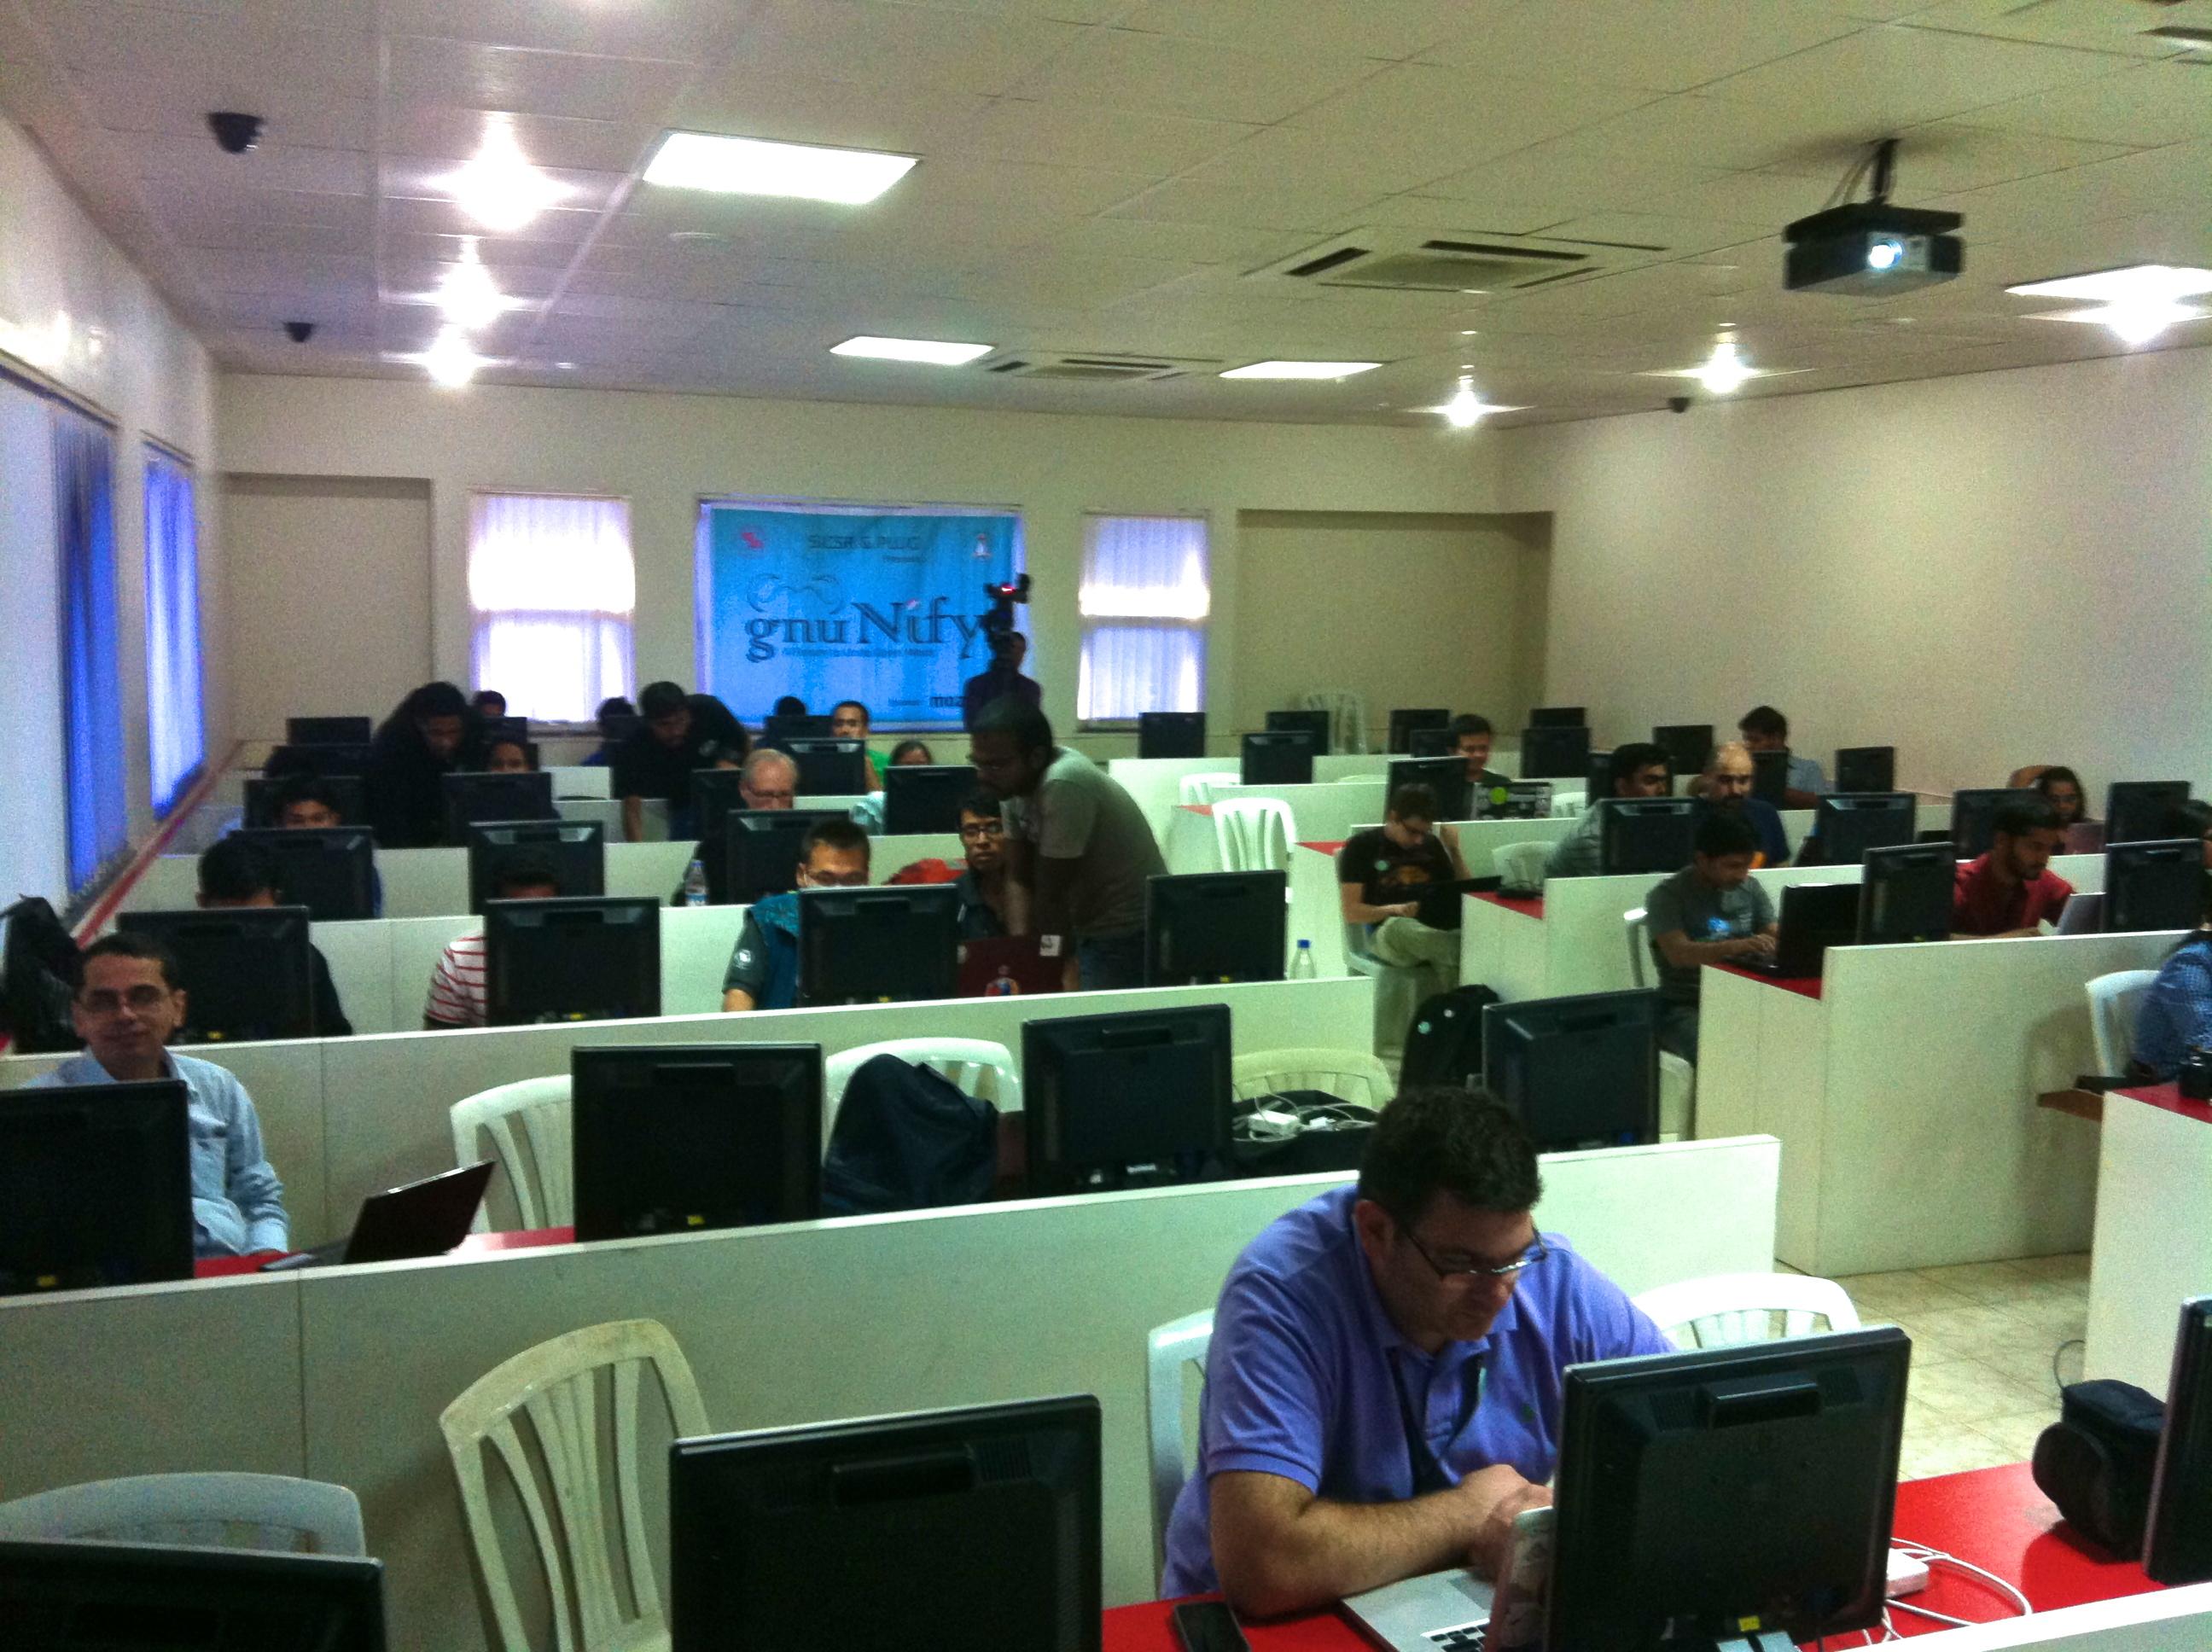 GNUnify је годишњи скуп који се састоји од радионица, разговора и семинара, који се одржава како би се повећала свест слободног и open source софтвера у Индији.